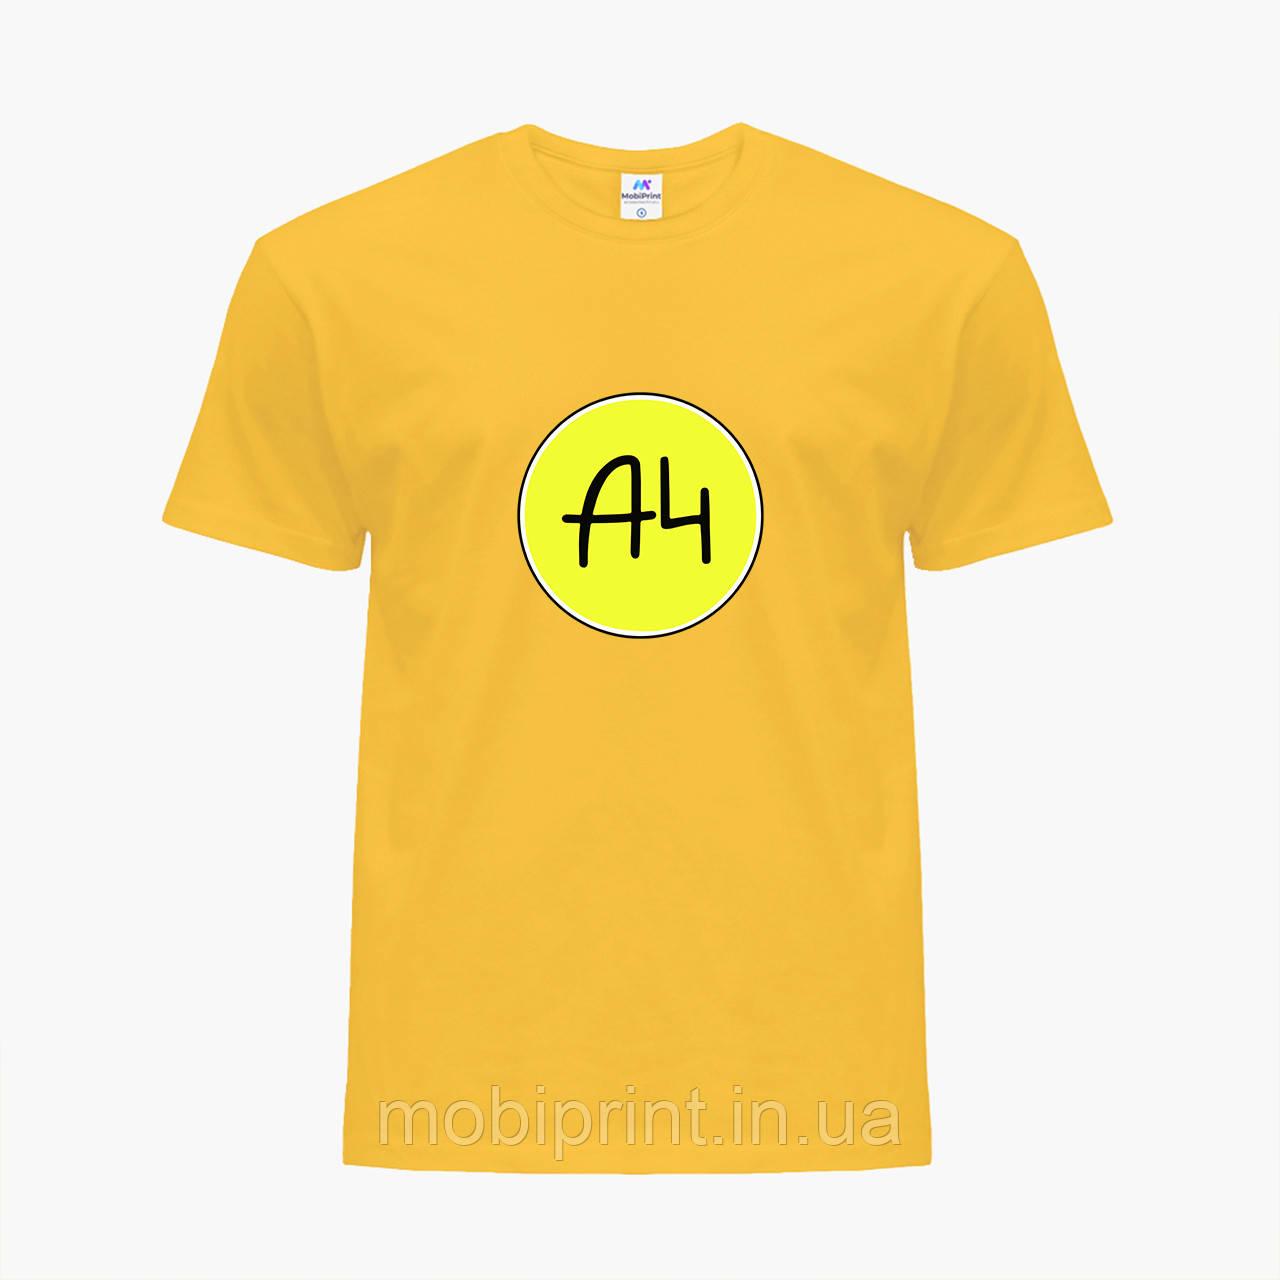 Детская футболка для мальчиков блогер Влад Бумага А4 (blogger Vlad A4) (25186-2620) Желтый